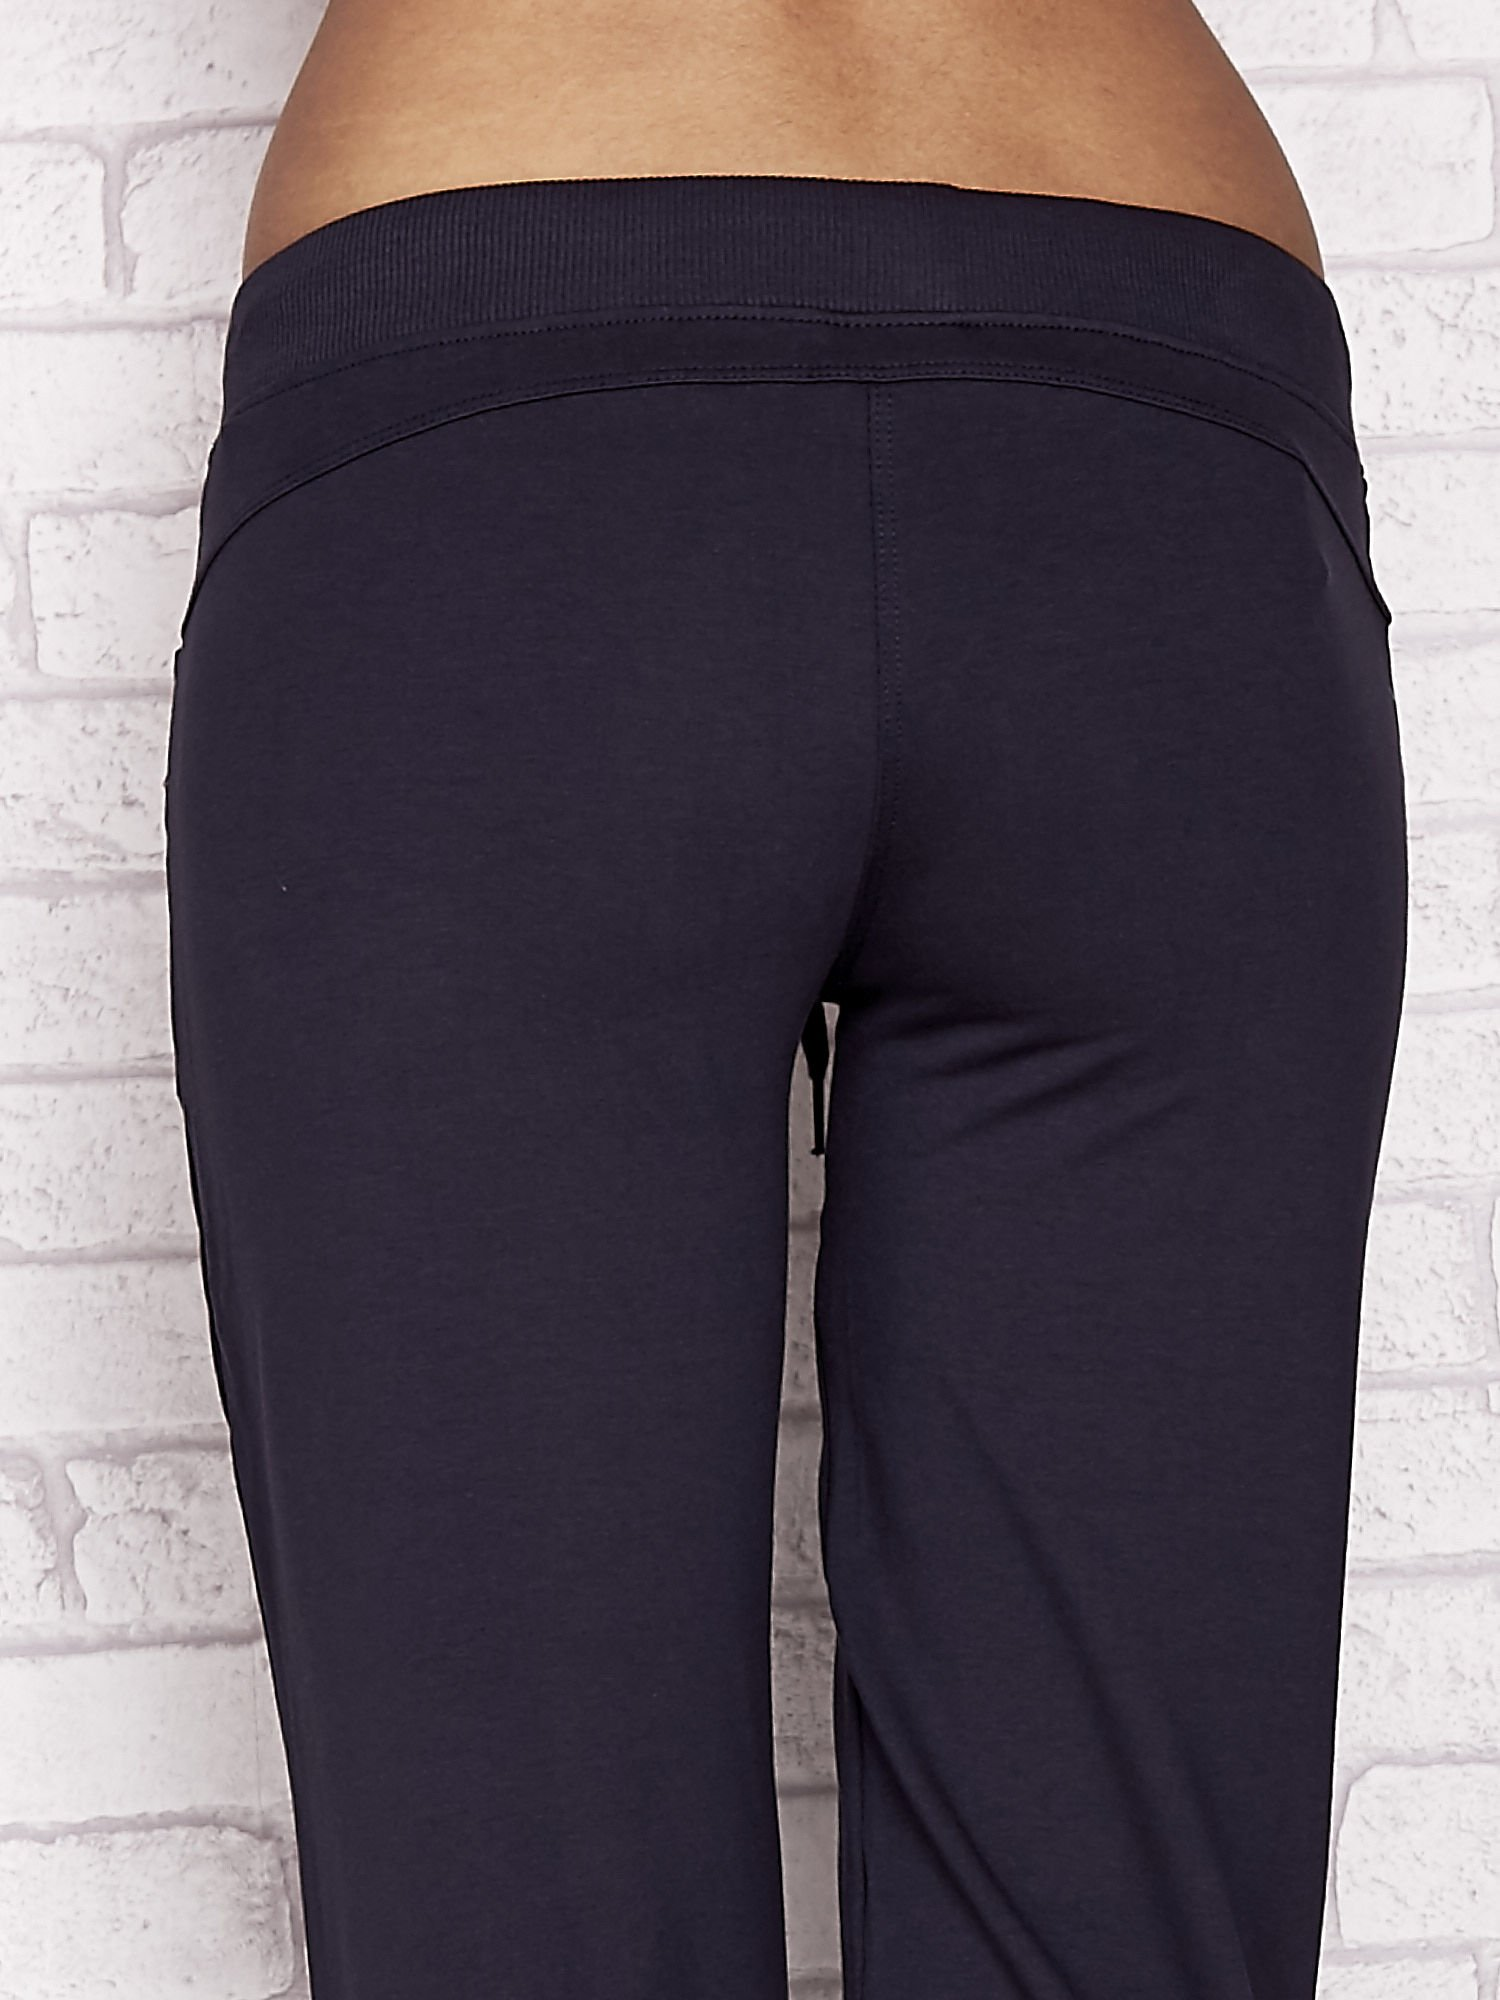 Grafitowe spodnie dresowe capri z dżetami na kieszeniach                                  zdj.                                  6